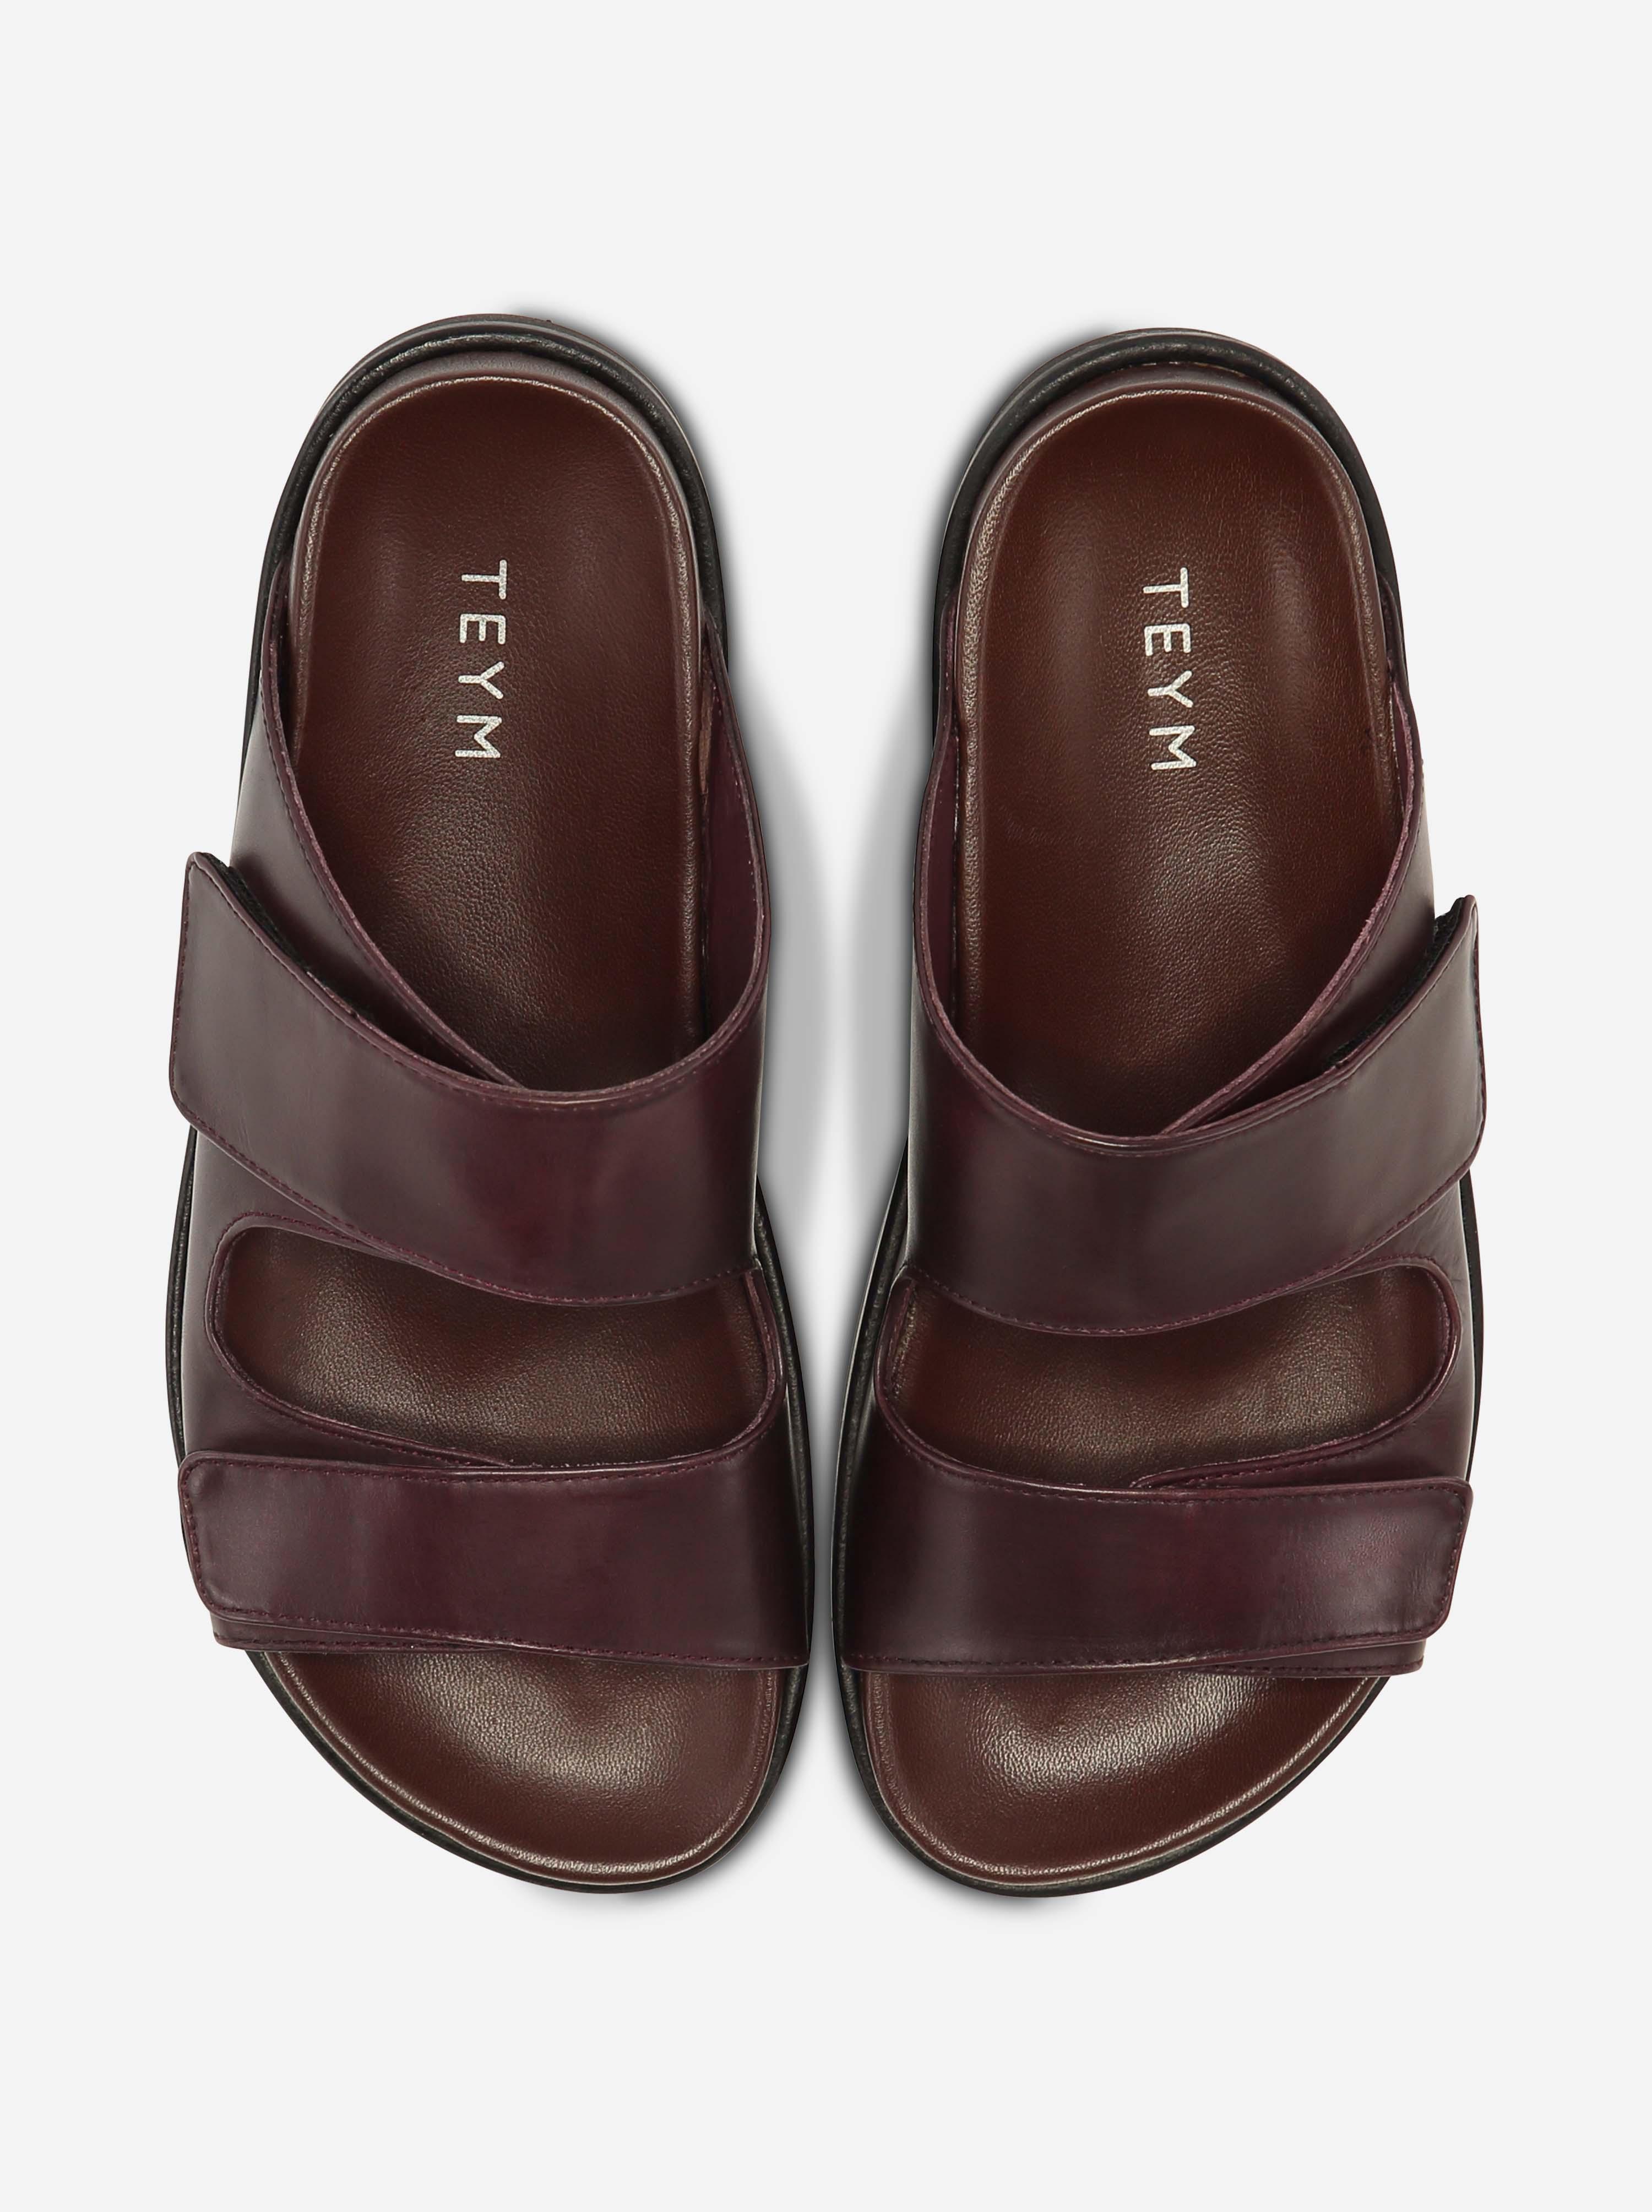 Teym - The Sandal - Burgundy - 4